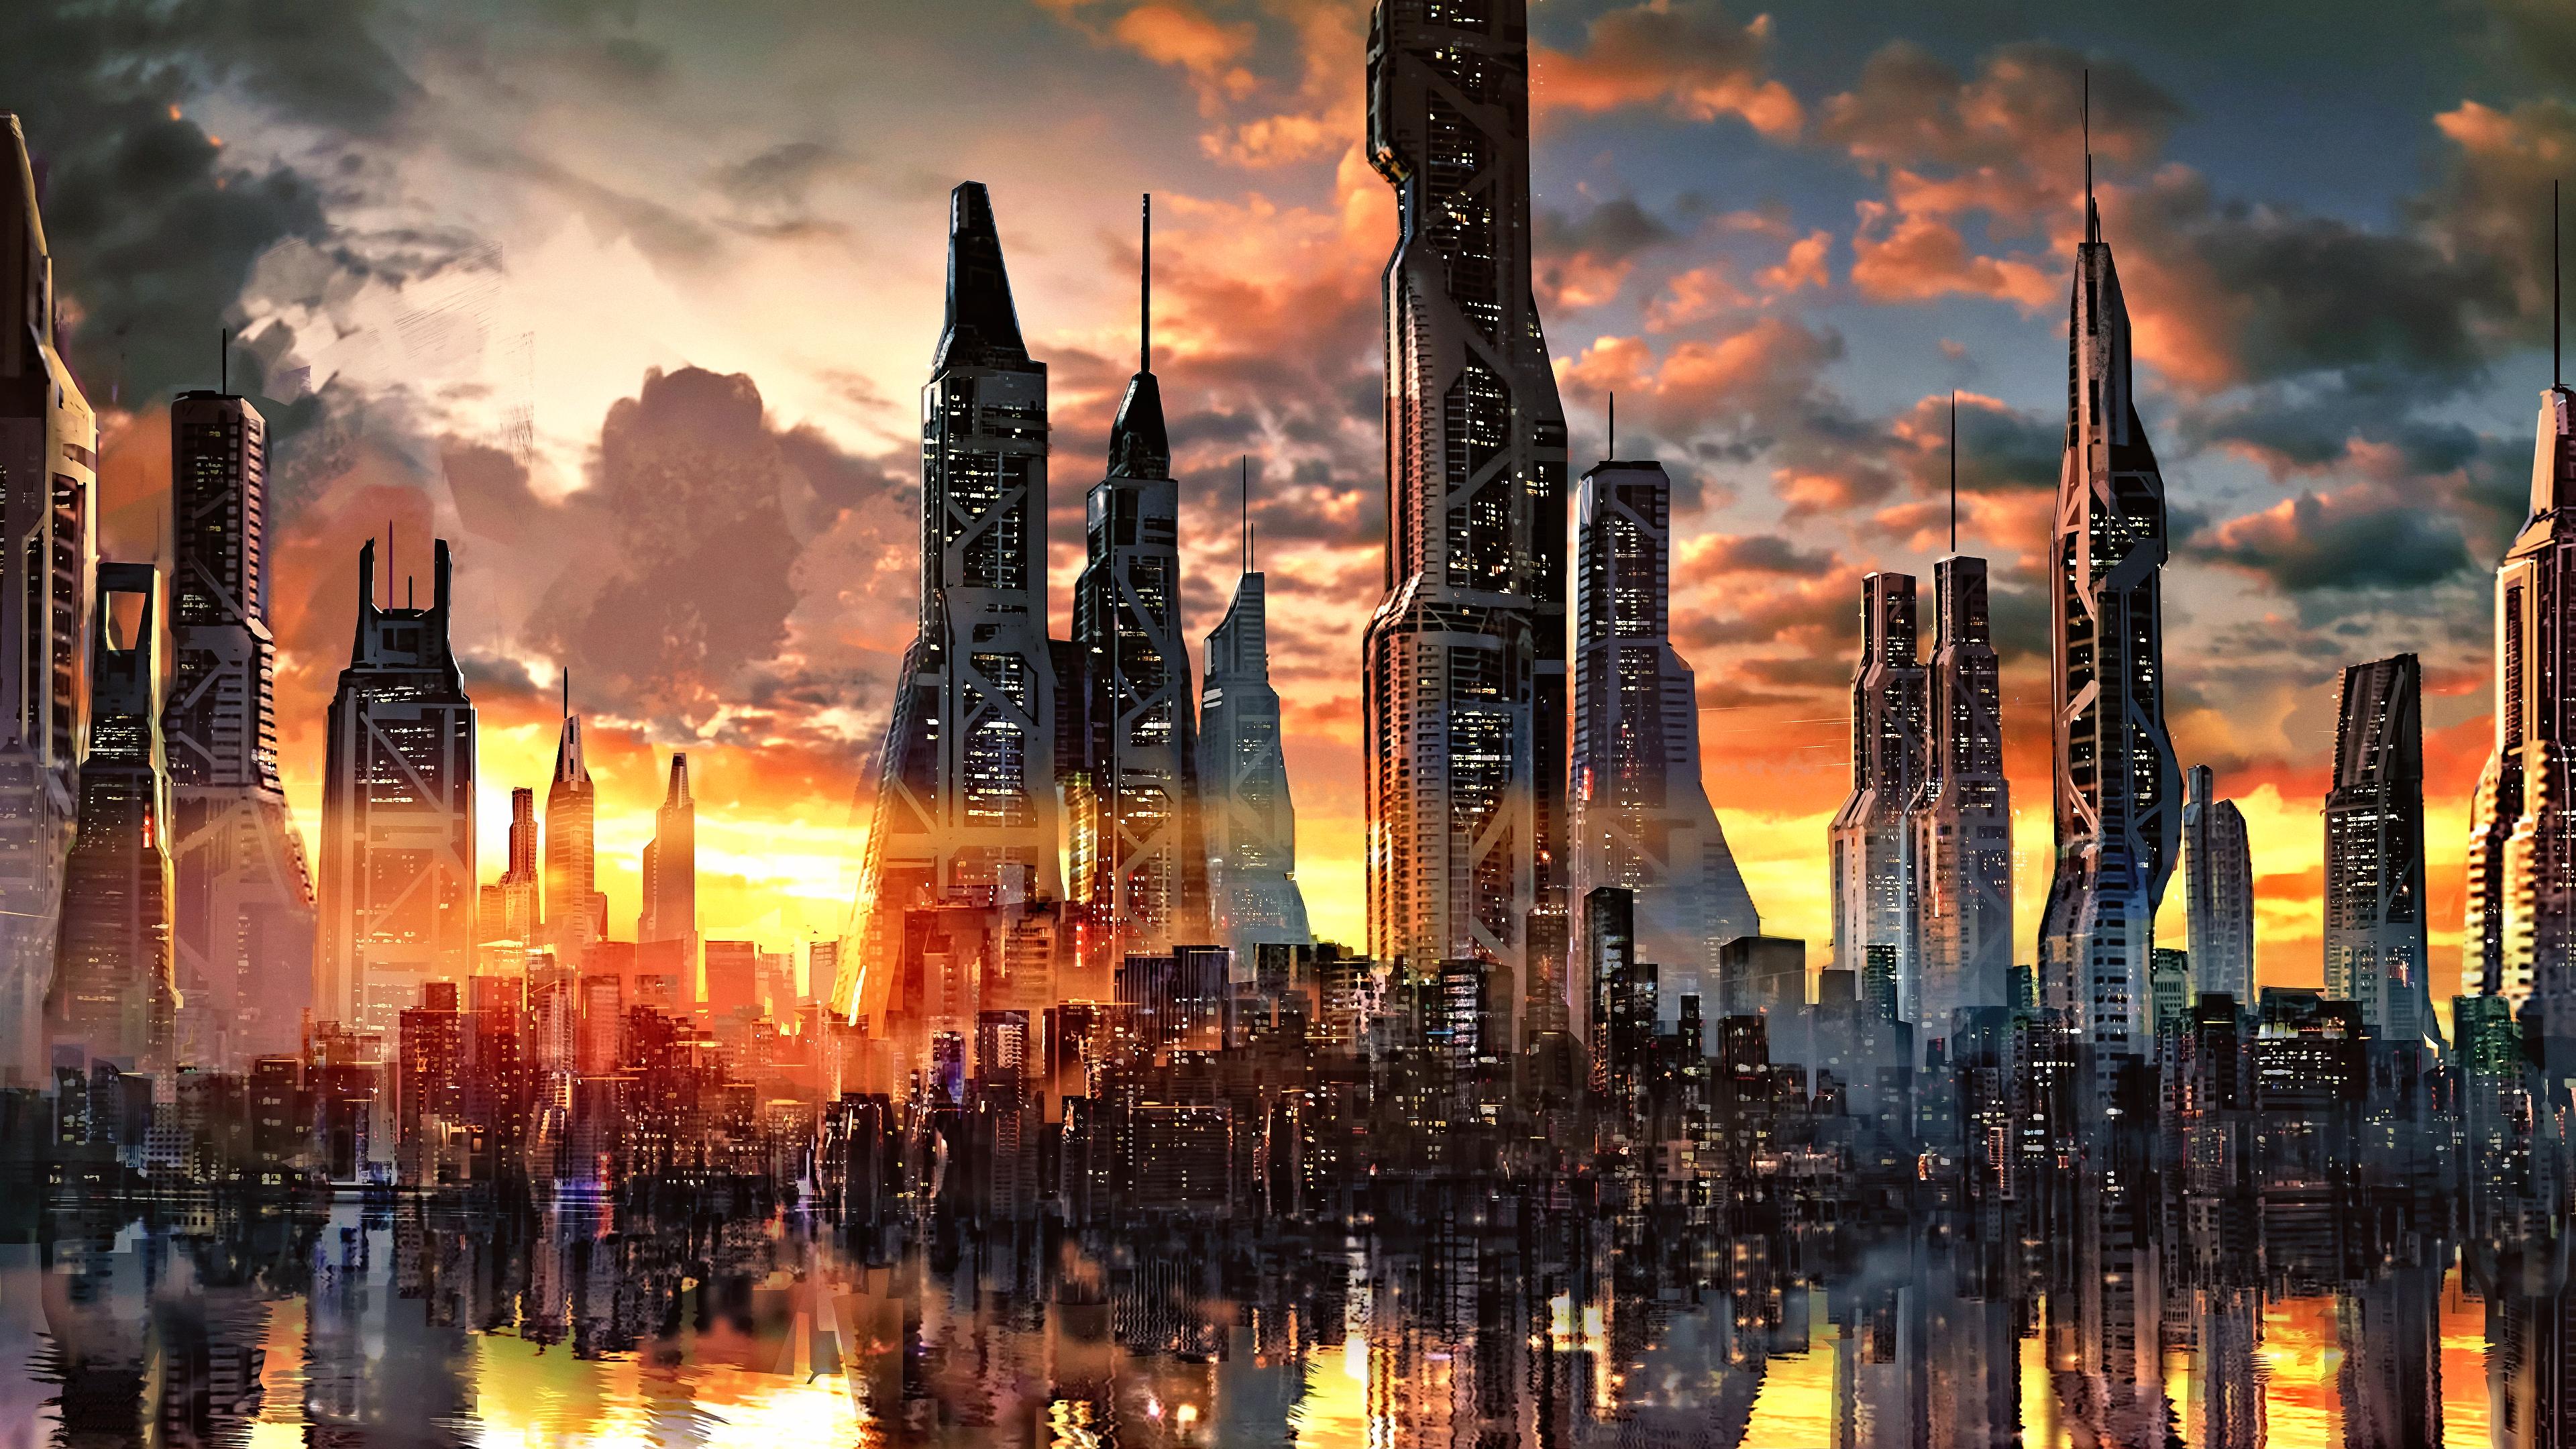 картинки на телефон город будущего смыв обеспечивается простой